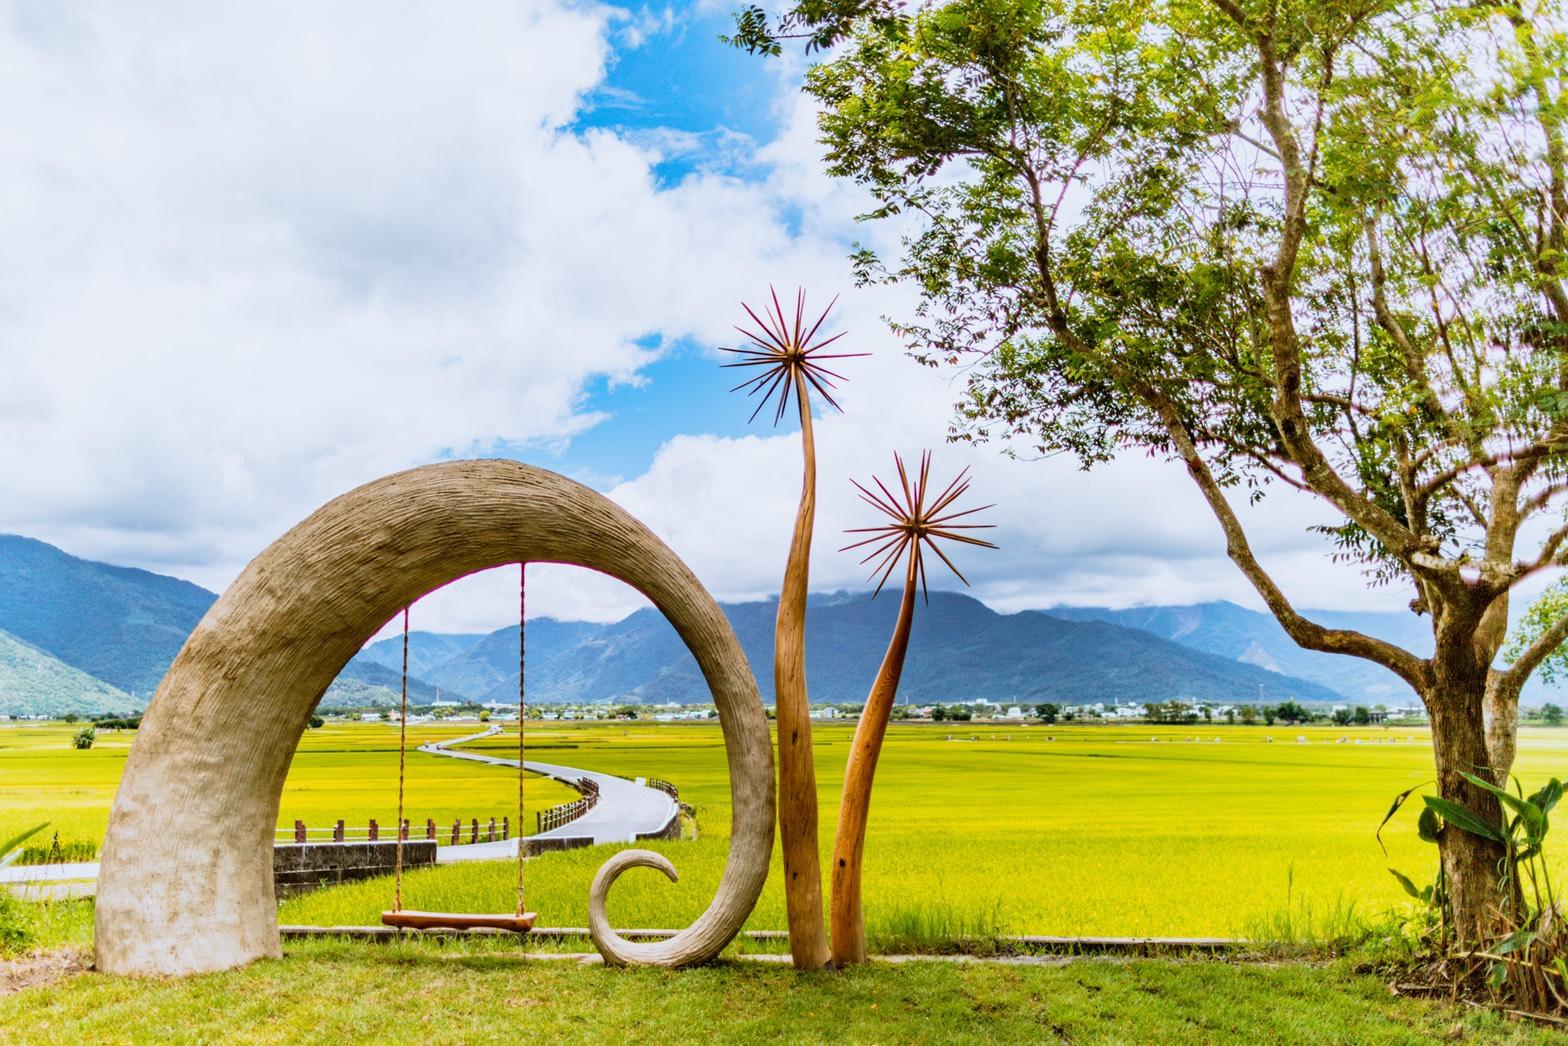 最新推播訊息:台東漂鳥197。縱谷大地藝術季|初夏到秋收的詩意